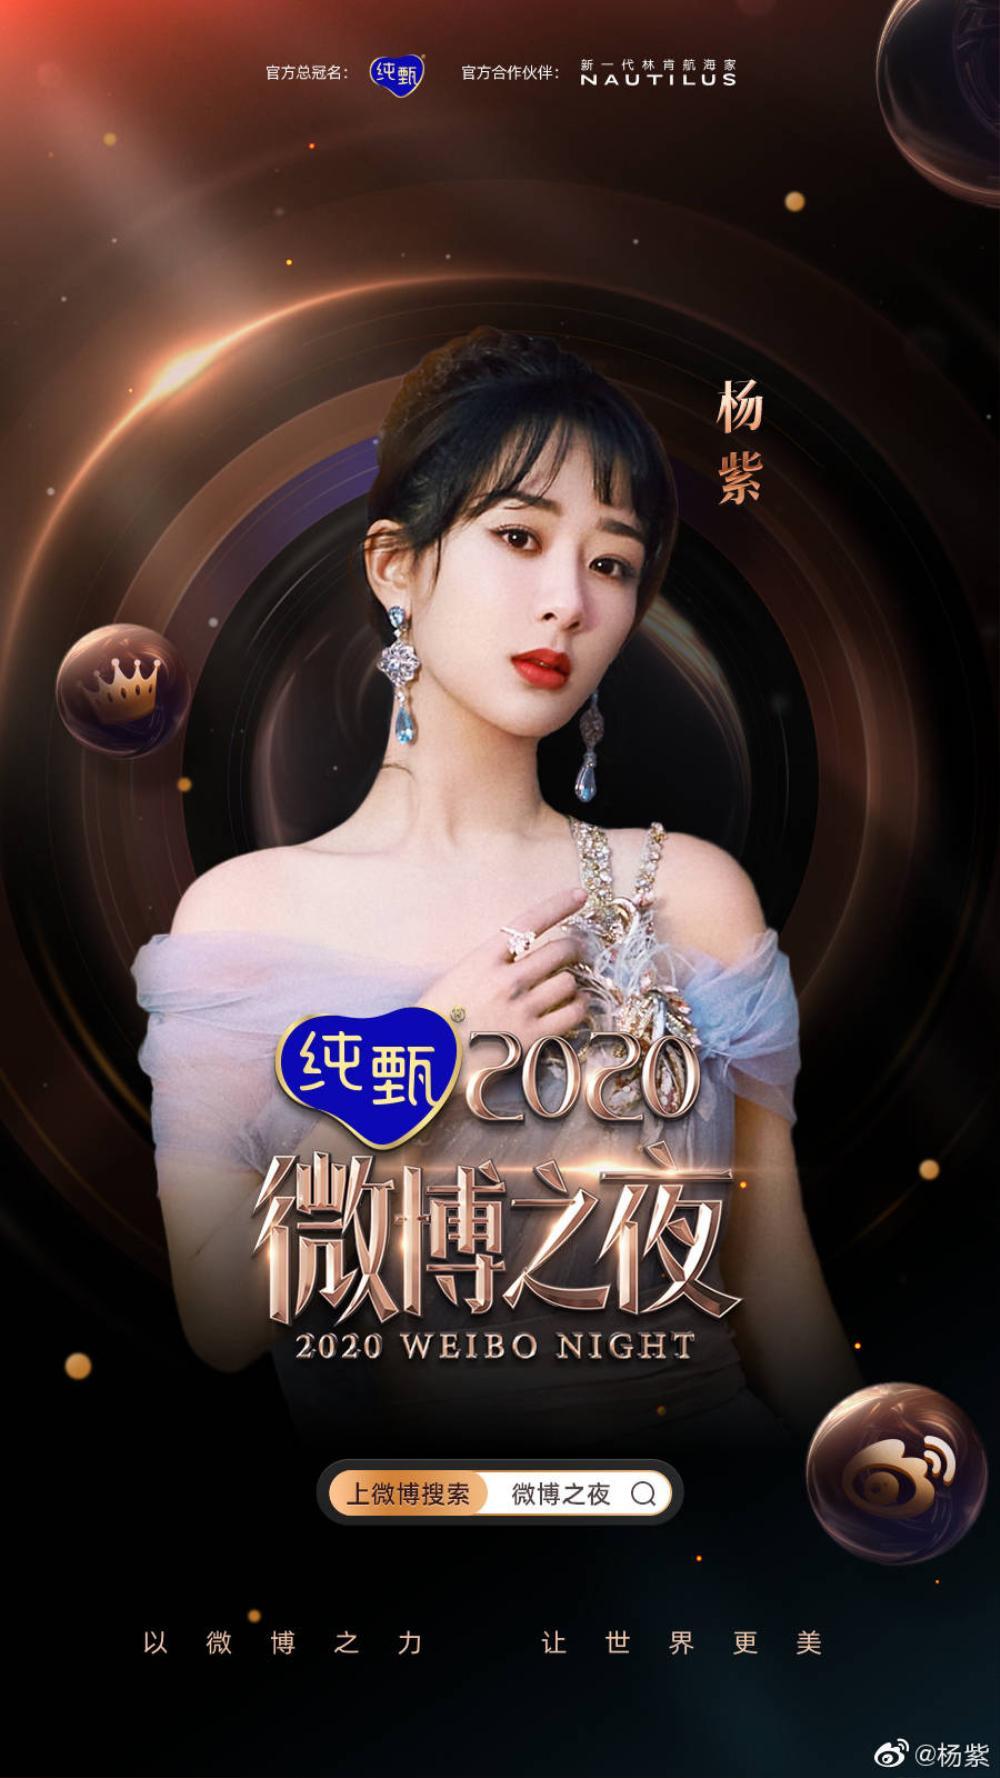 Dương Tử gây ấn tượng còn Tiêu Chiến bị lãng quên dù là King của 'Đêm hội Weibo 2020'? Ảnh 4